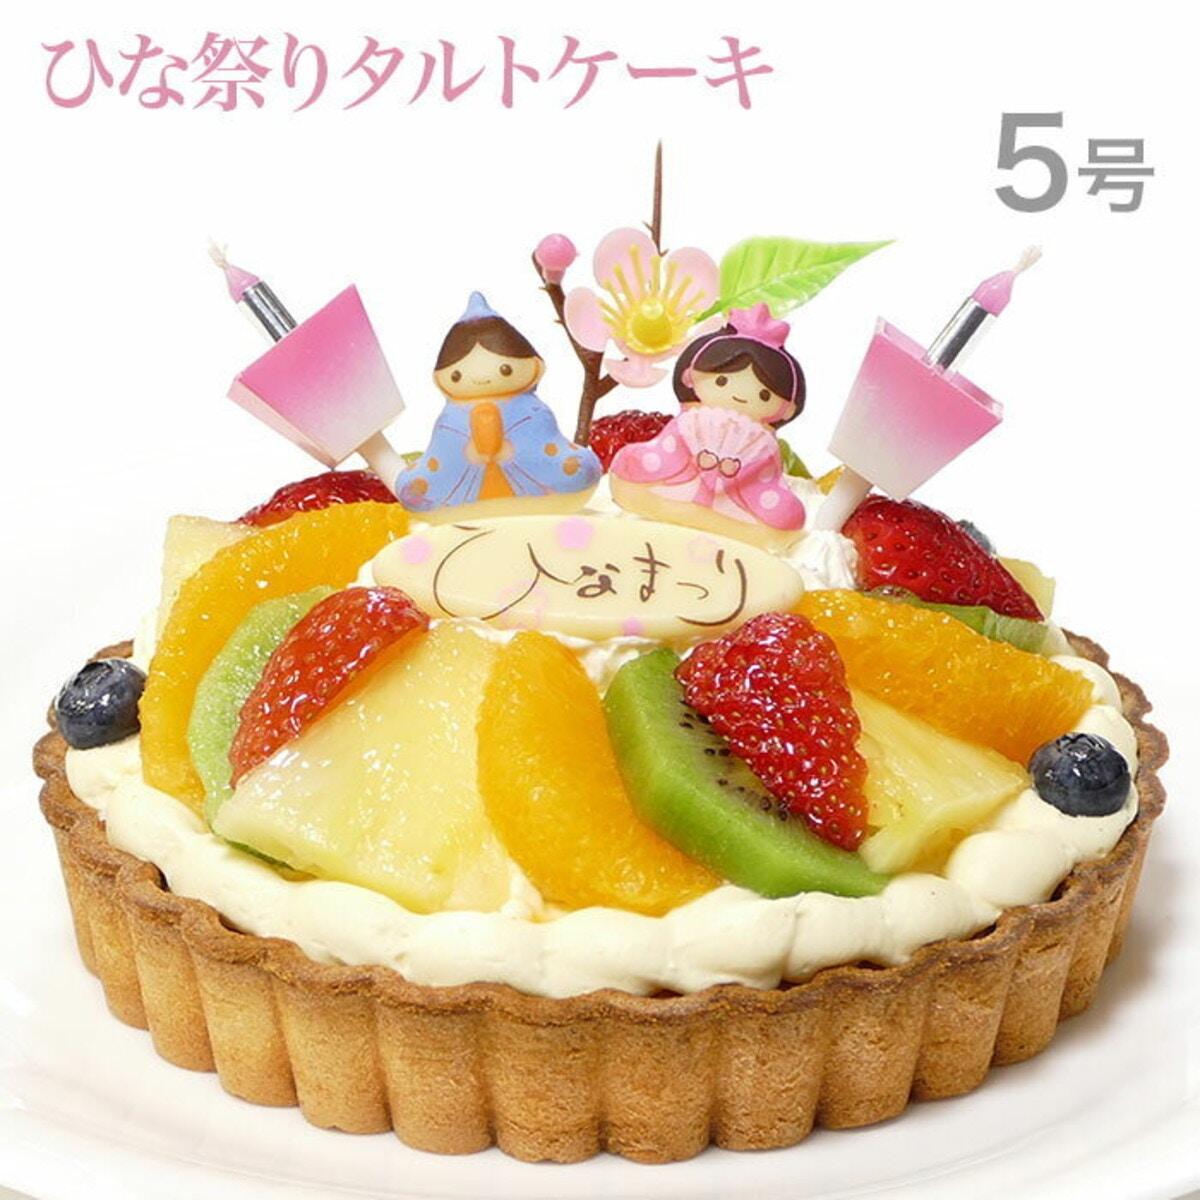 CAKE EXPRESS(加村牛乳店)「ひな祭りケーキ フルーツタルト 5号」